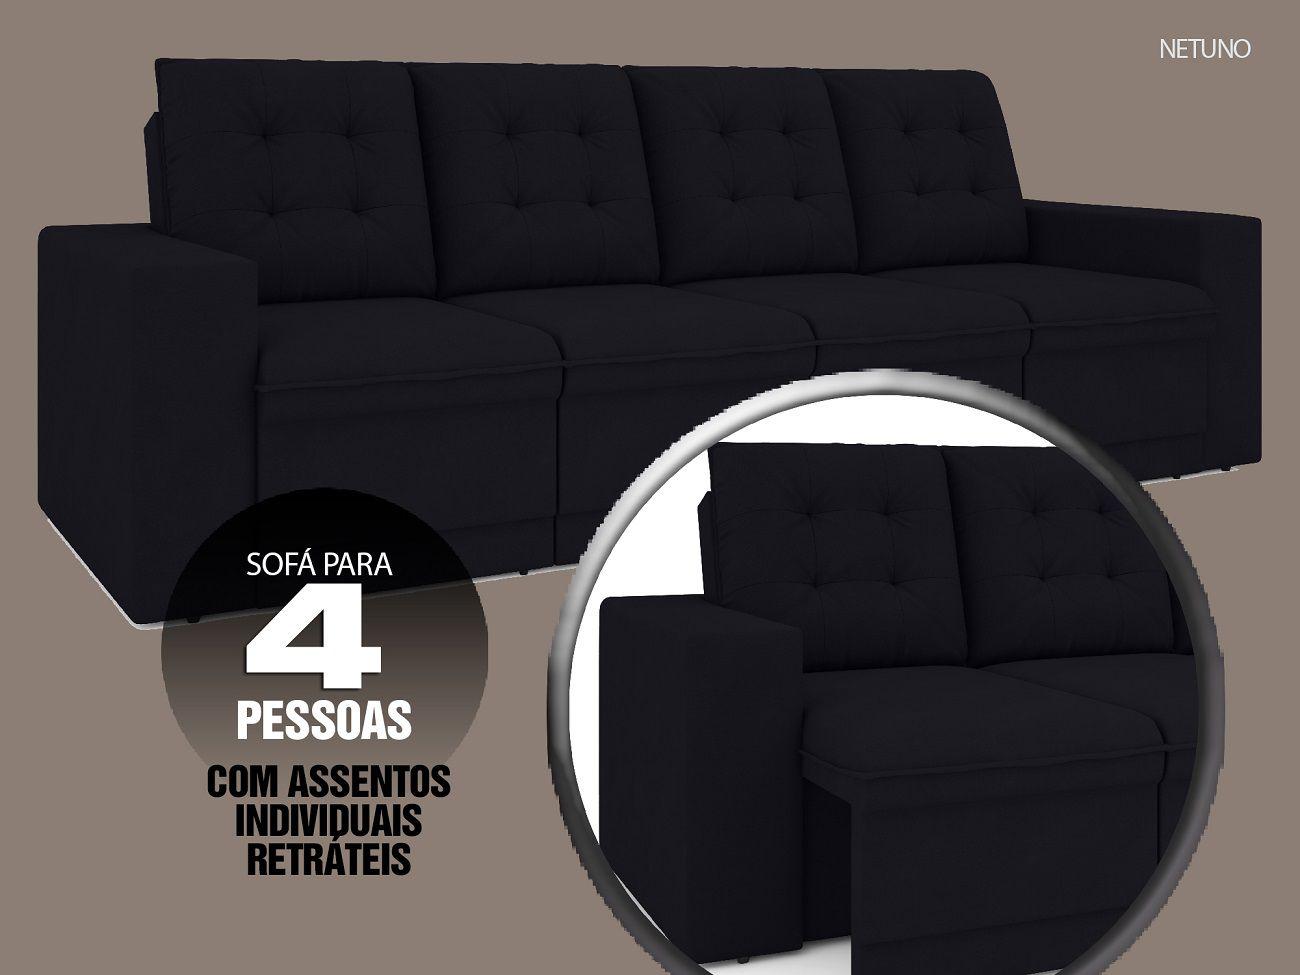 Sofá Netuno 2,60m Retrátil Velosuede Preto - NETSOFAS  - NETSOFÁS